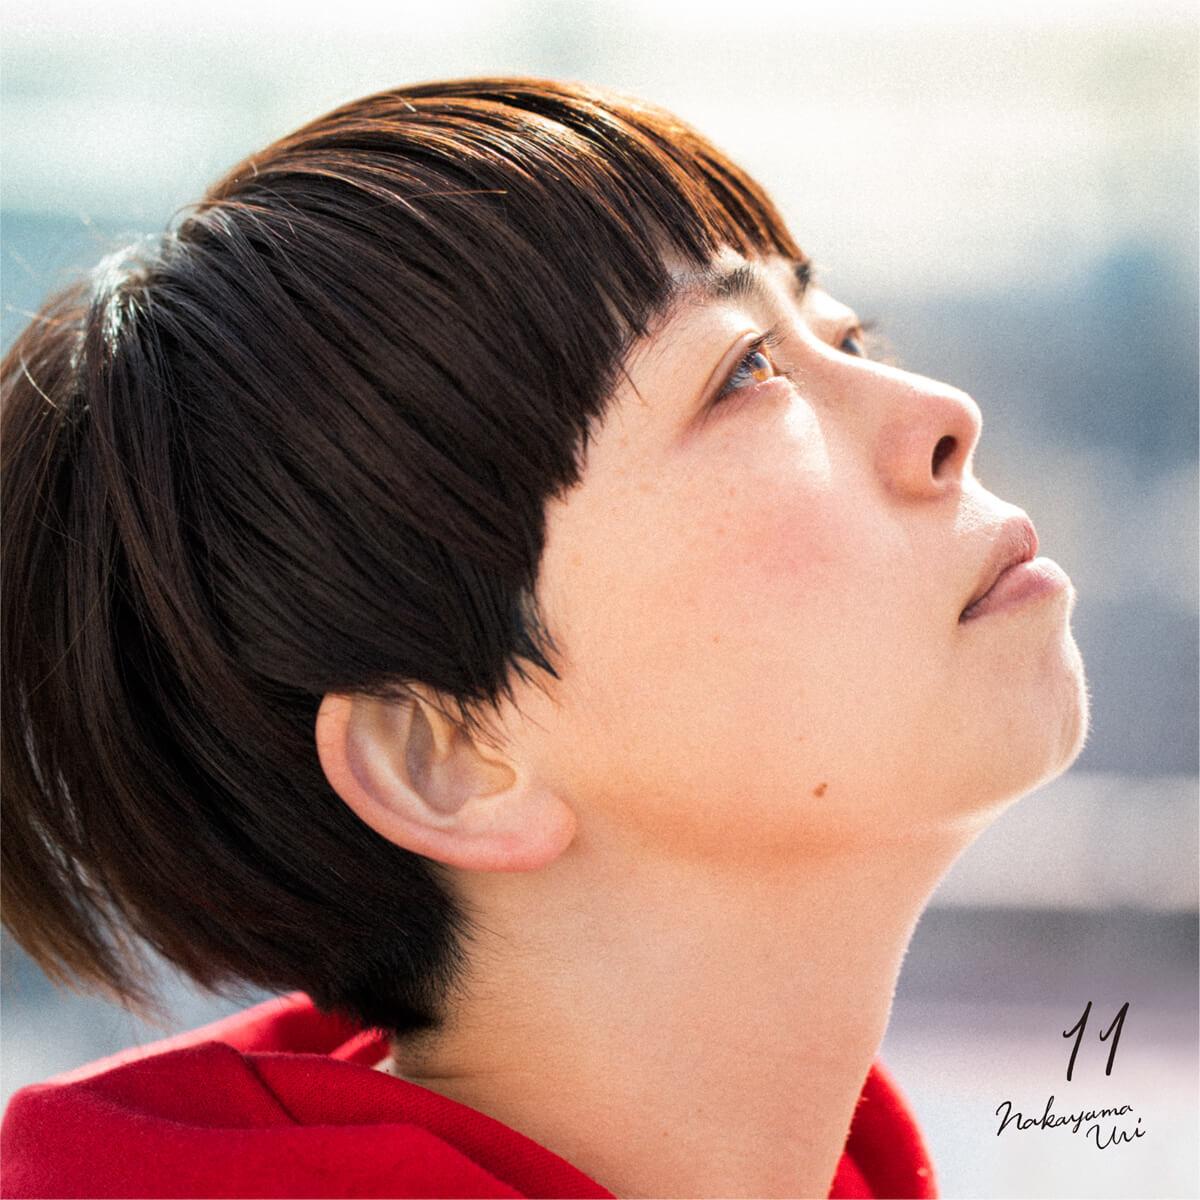 アーティストの視点から観るNetflixの映画・ドラマ・ドキュメンタリー|Vol.6 中山うり『ラッキー』 ac200529_netflix_urinakayama_1